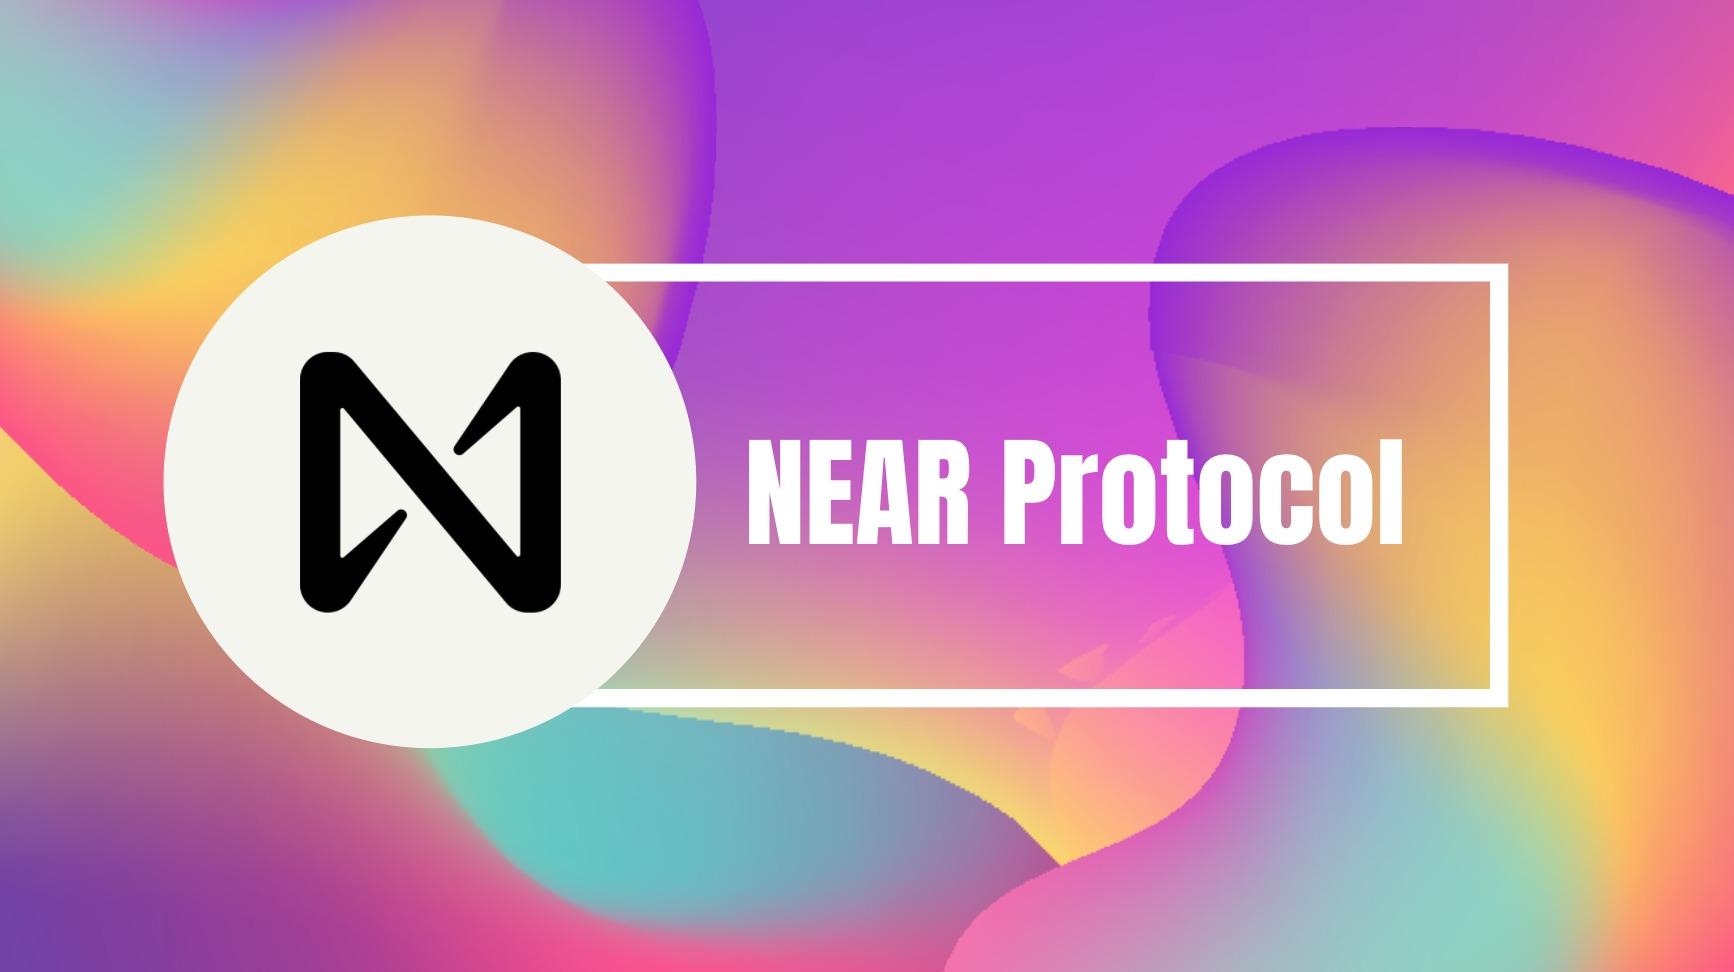 NEAR Protocolとは?ウォレットやレインボーブリッジの使い方を解説